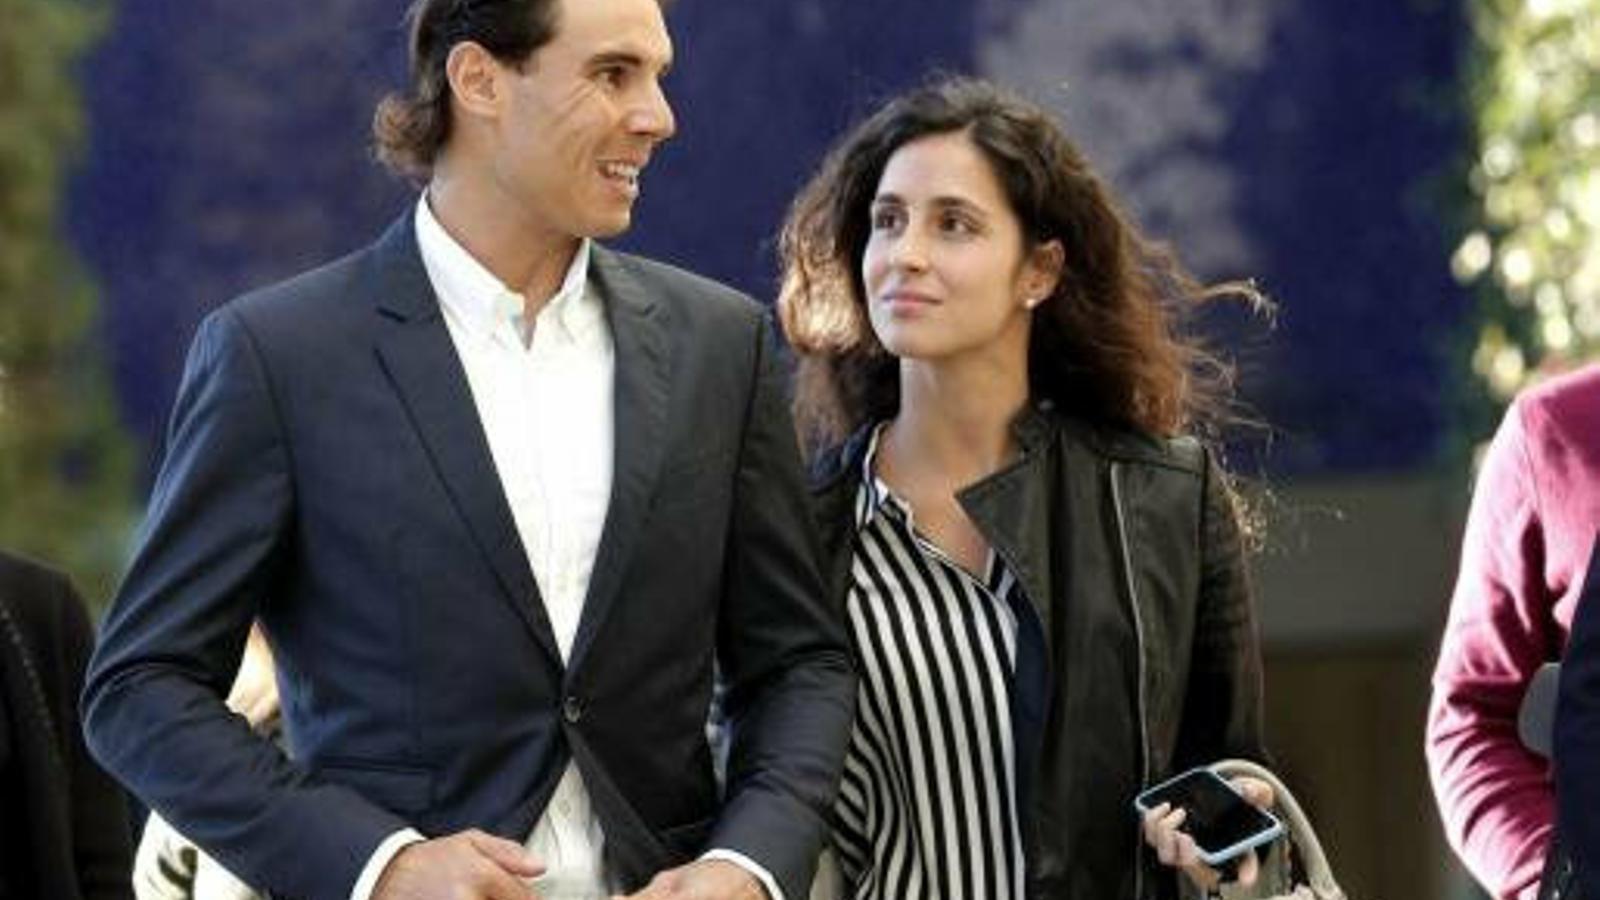 Gent Rafael Nadal i Francesca Perelló es casaran a  Sa Fortalesa  el 19 d'octubre